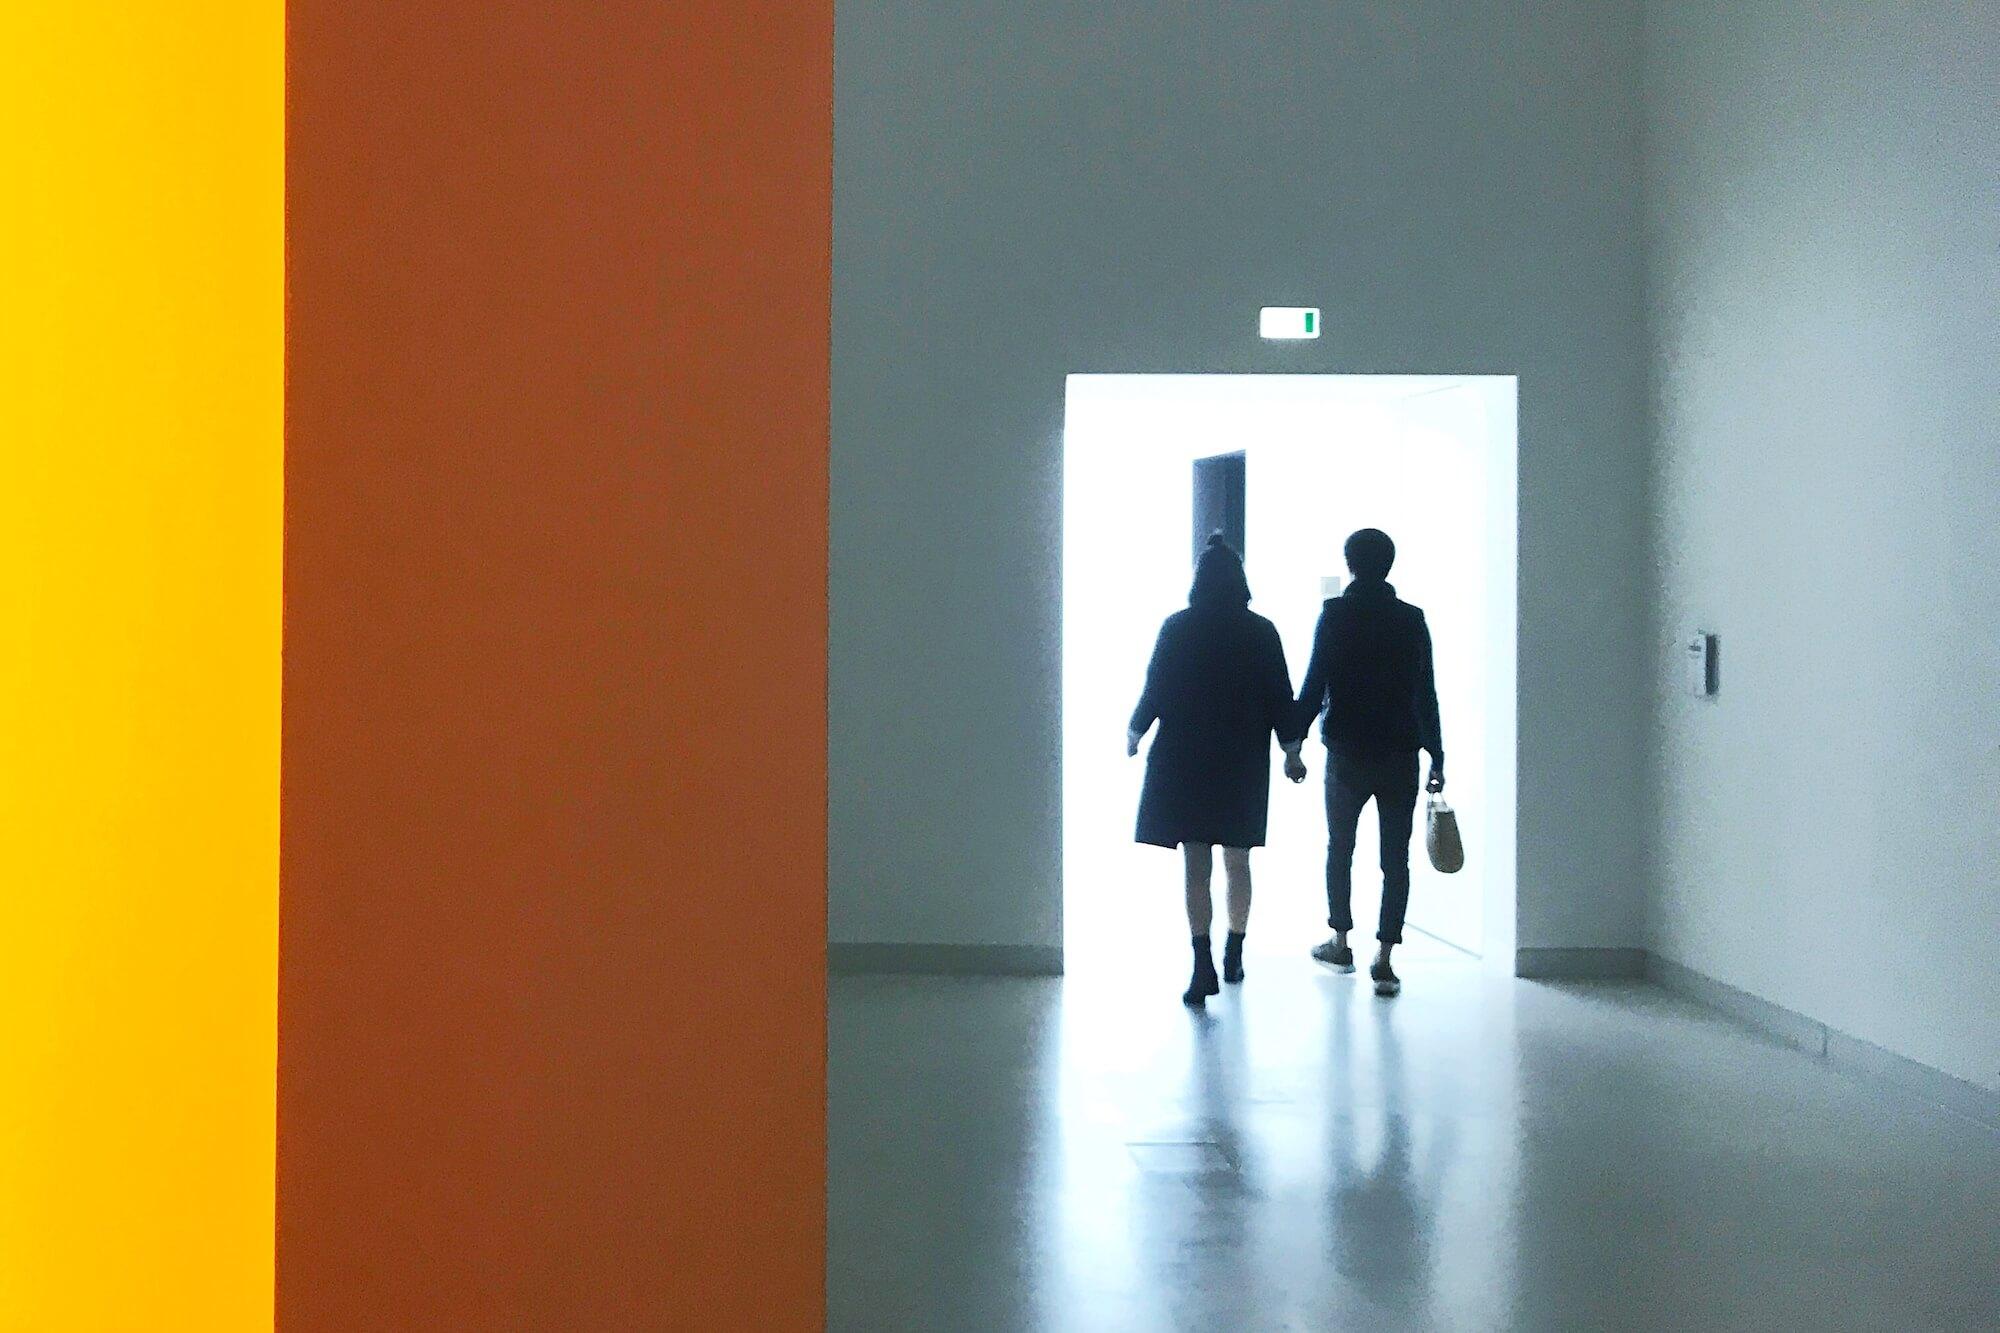 Museen sind oft auf Unterstützung von Stiftungen angewiesen, wenn sie Vielfalt anstreben. Ein Museumsstipendium finanziert etwa Volontariate und Praktika.